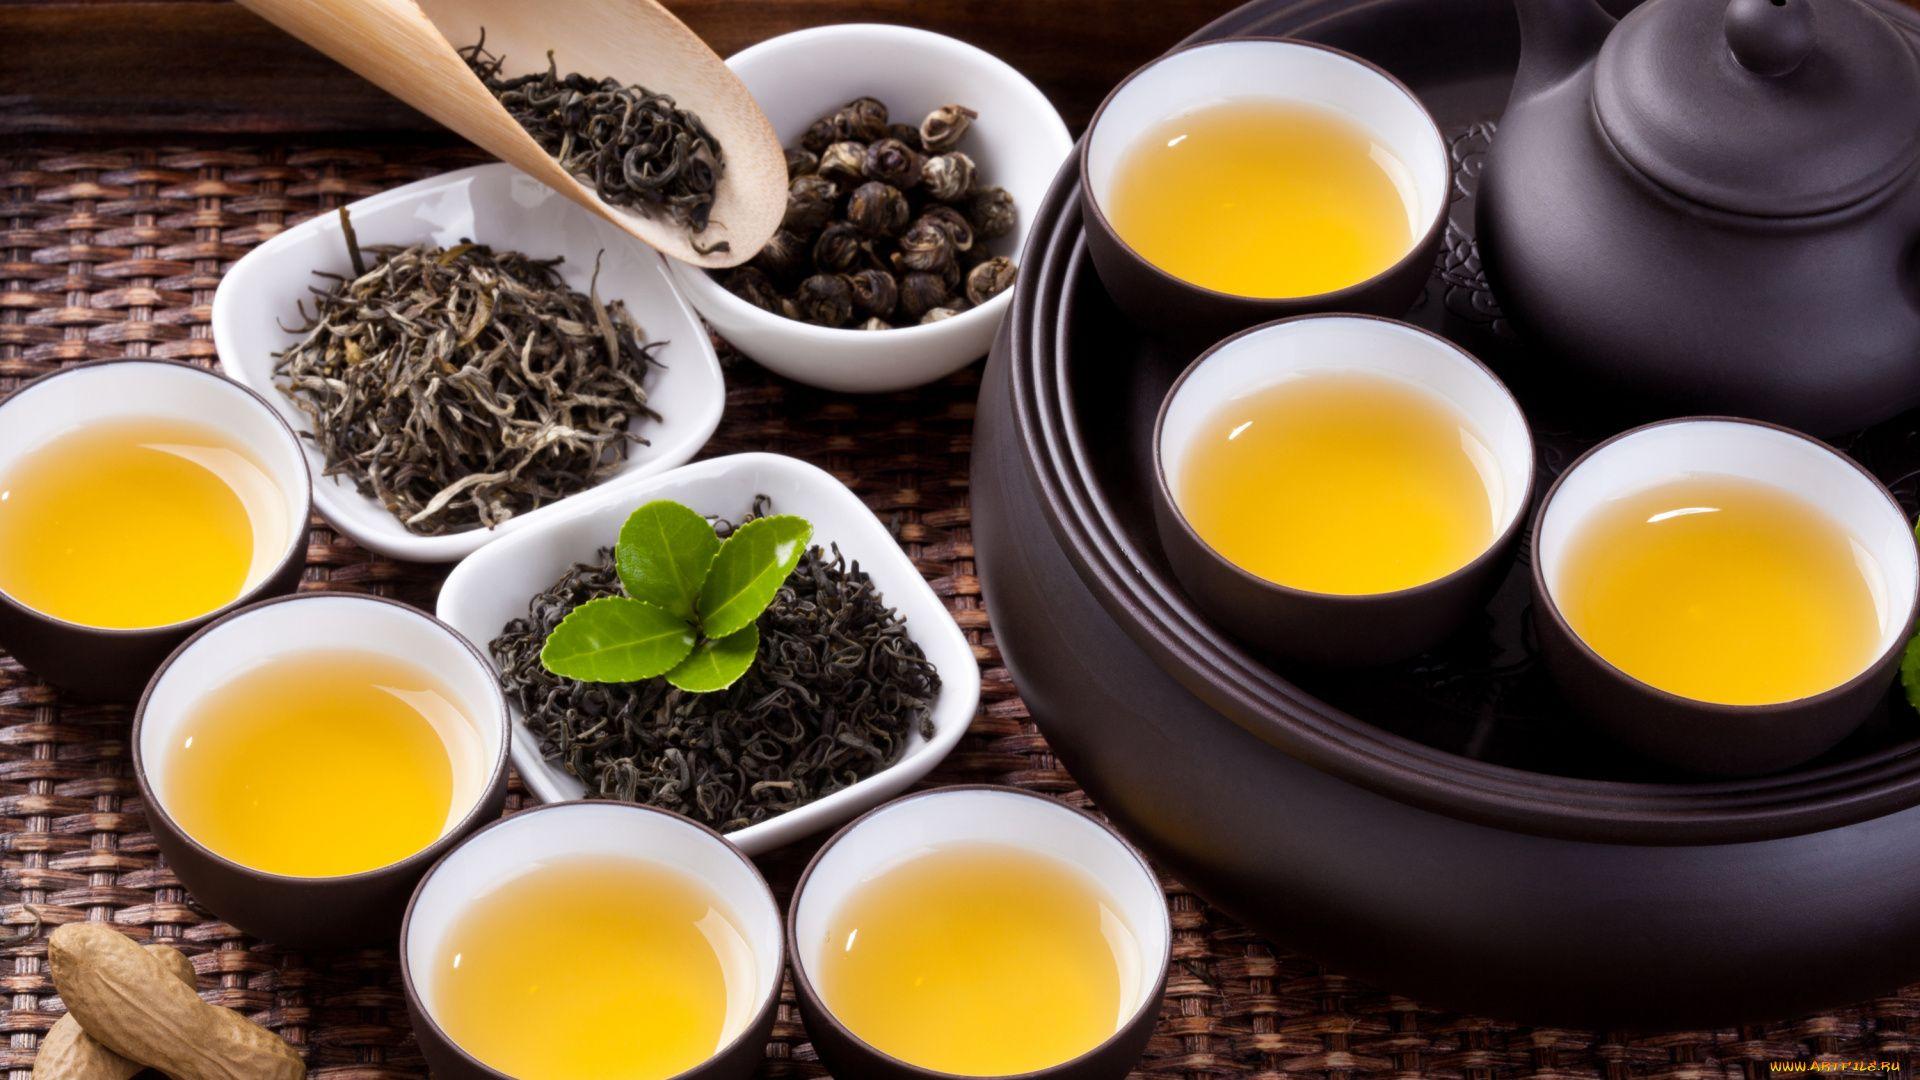 Tea nice wallpaper